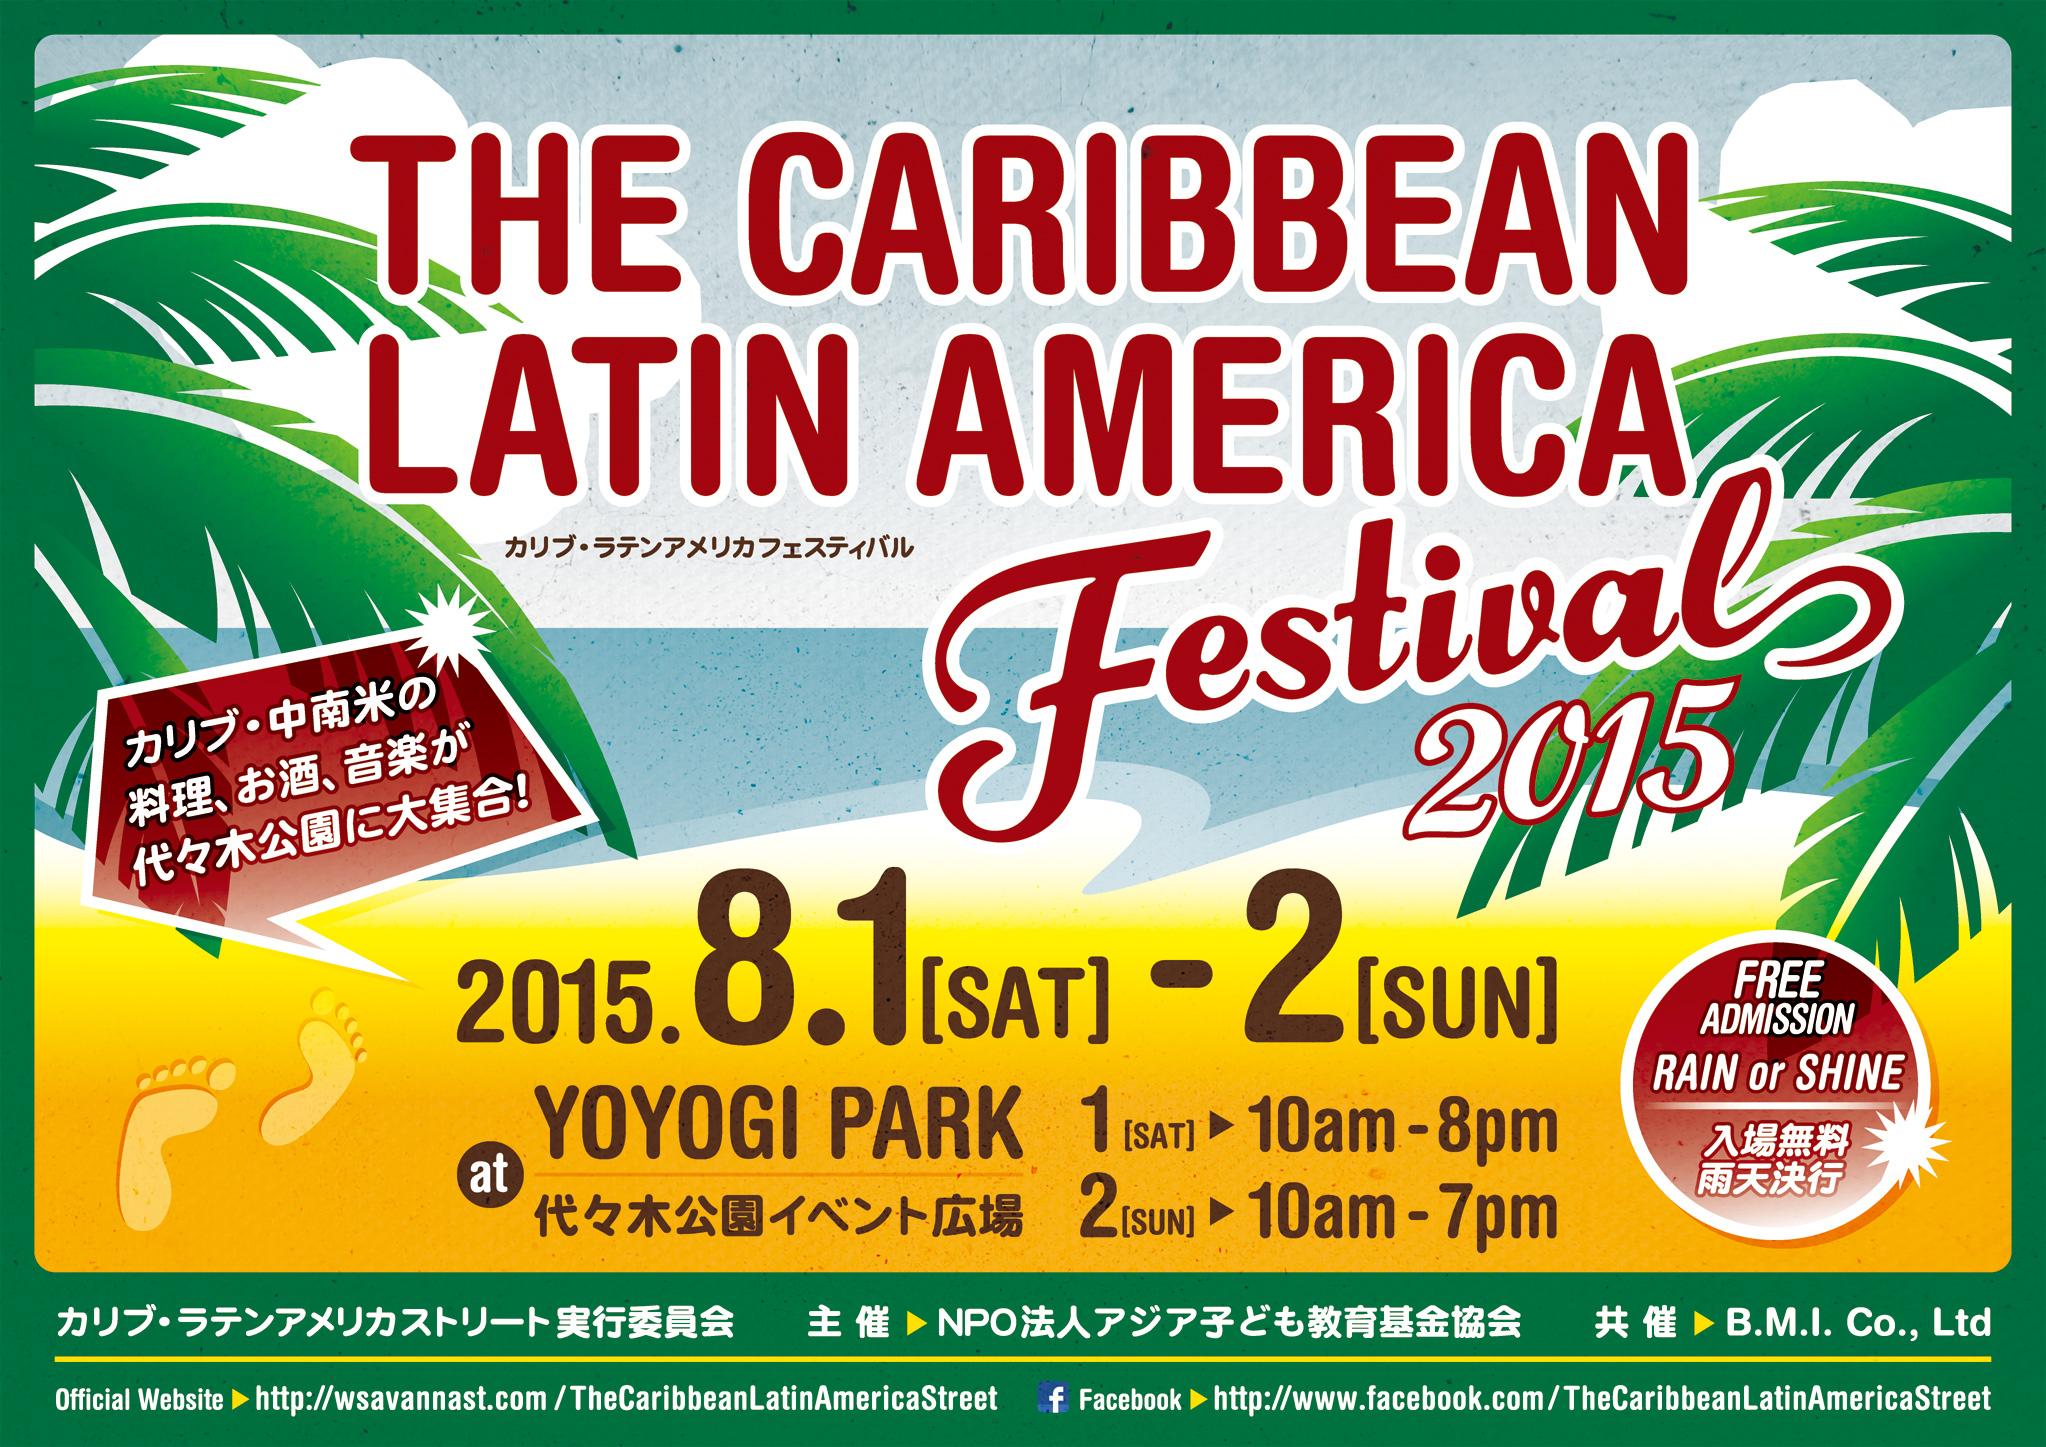 カリブ・ラテンアメリカフェスティバル2015開催 カリブ海とラテンアメリカ諸国の料理、お酒、音楽、ファッシ∃ンが代々木/AN園に大集合!